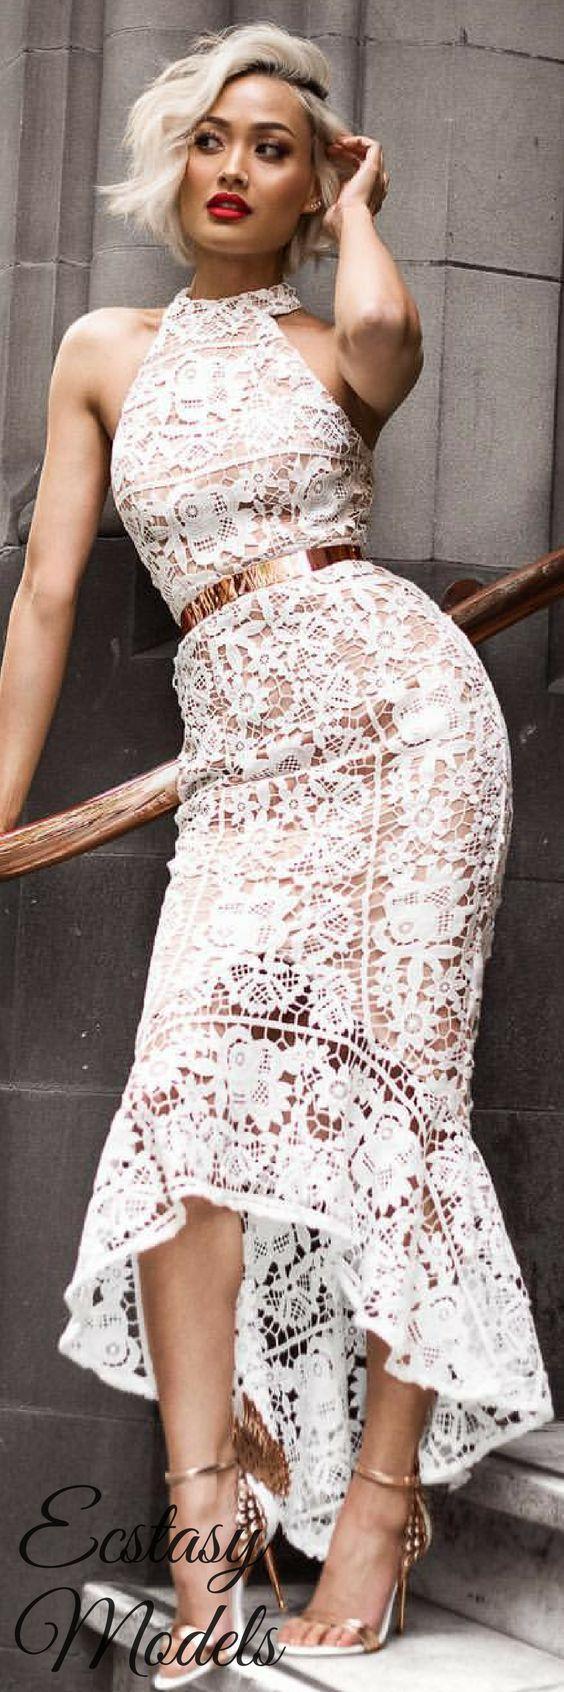 vit spetsgrimsklänning midi